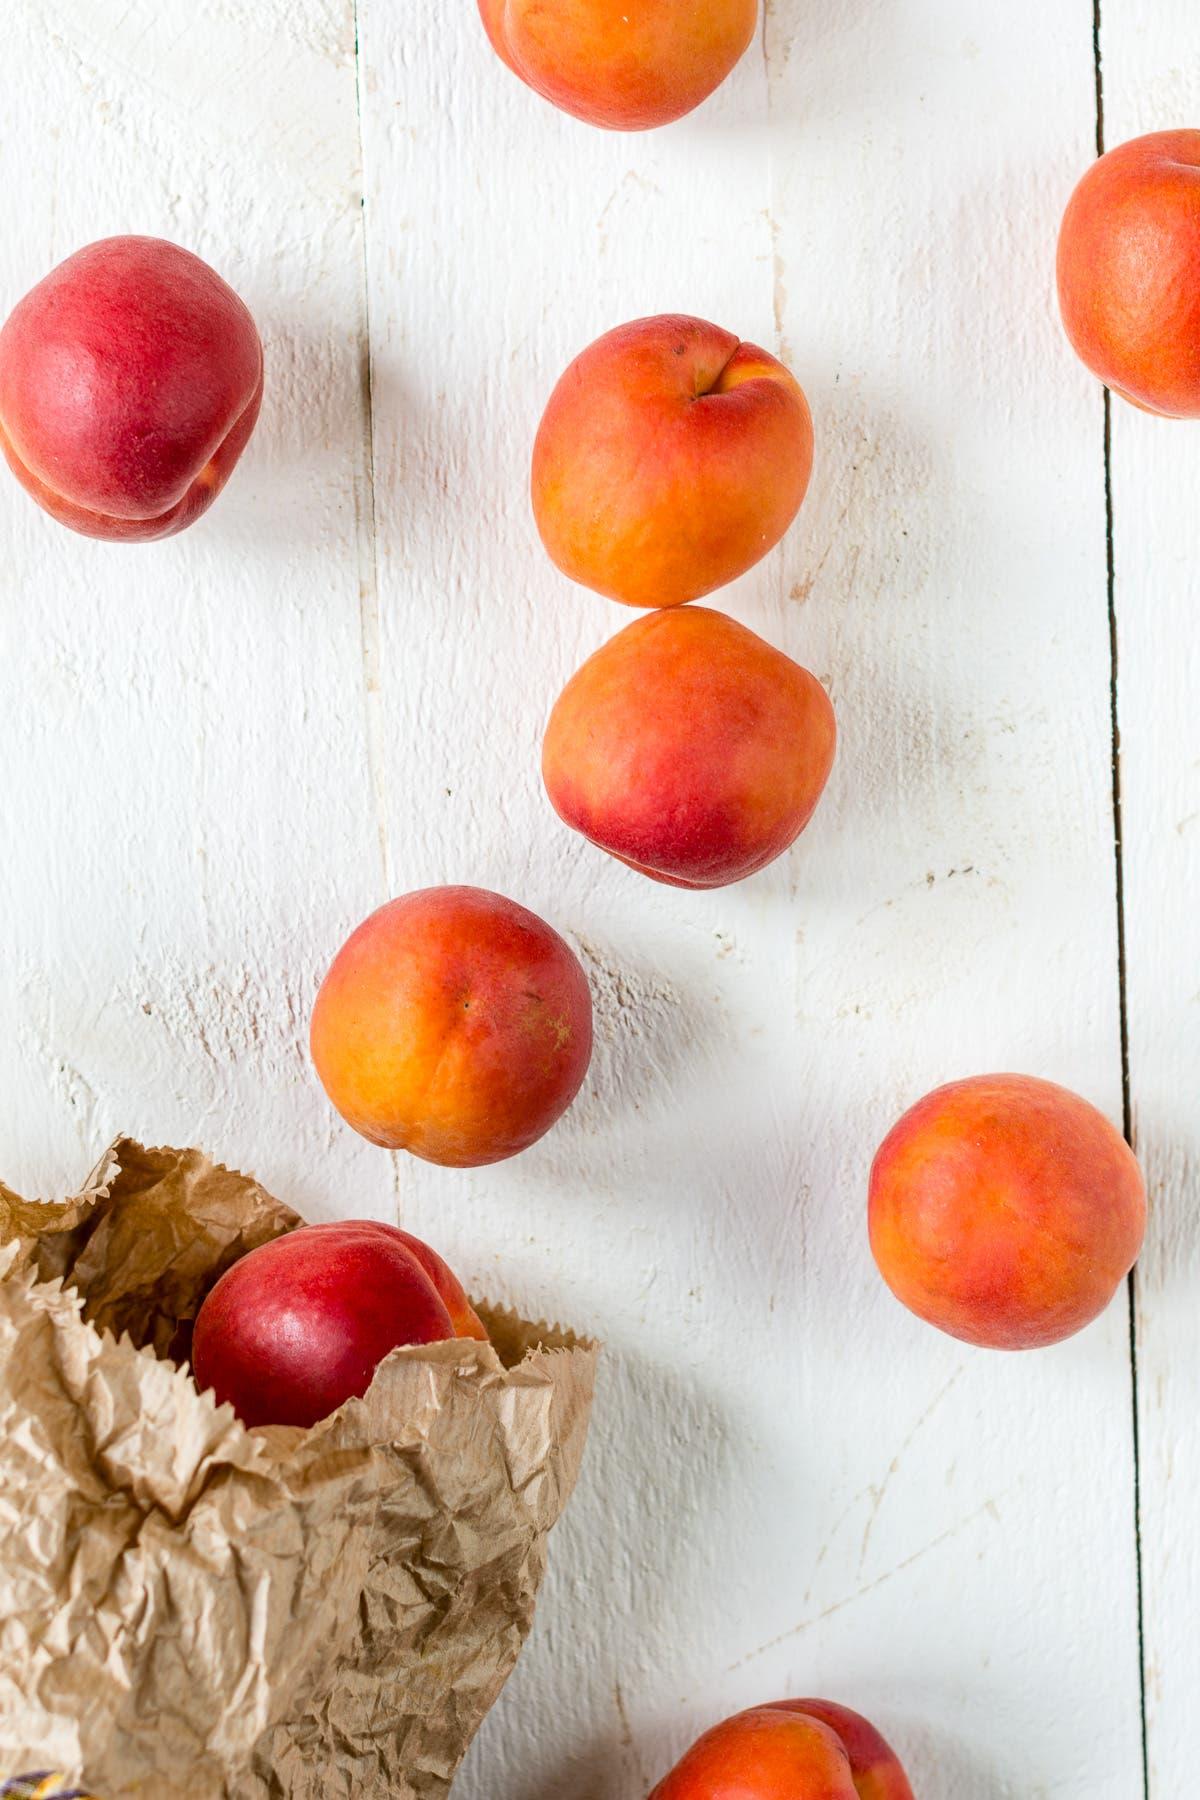 Frische Aprikosen auf einem weißem Untergrund und eine braune Papiertüte mit Aprikosen drin.